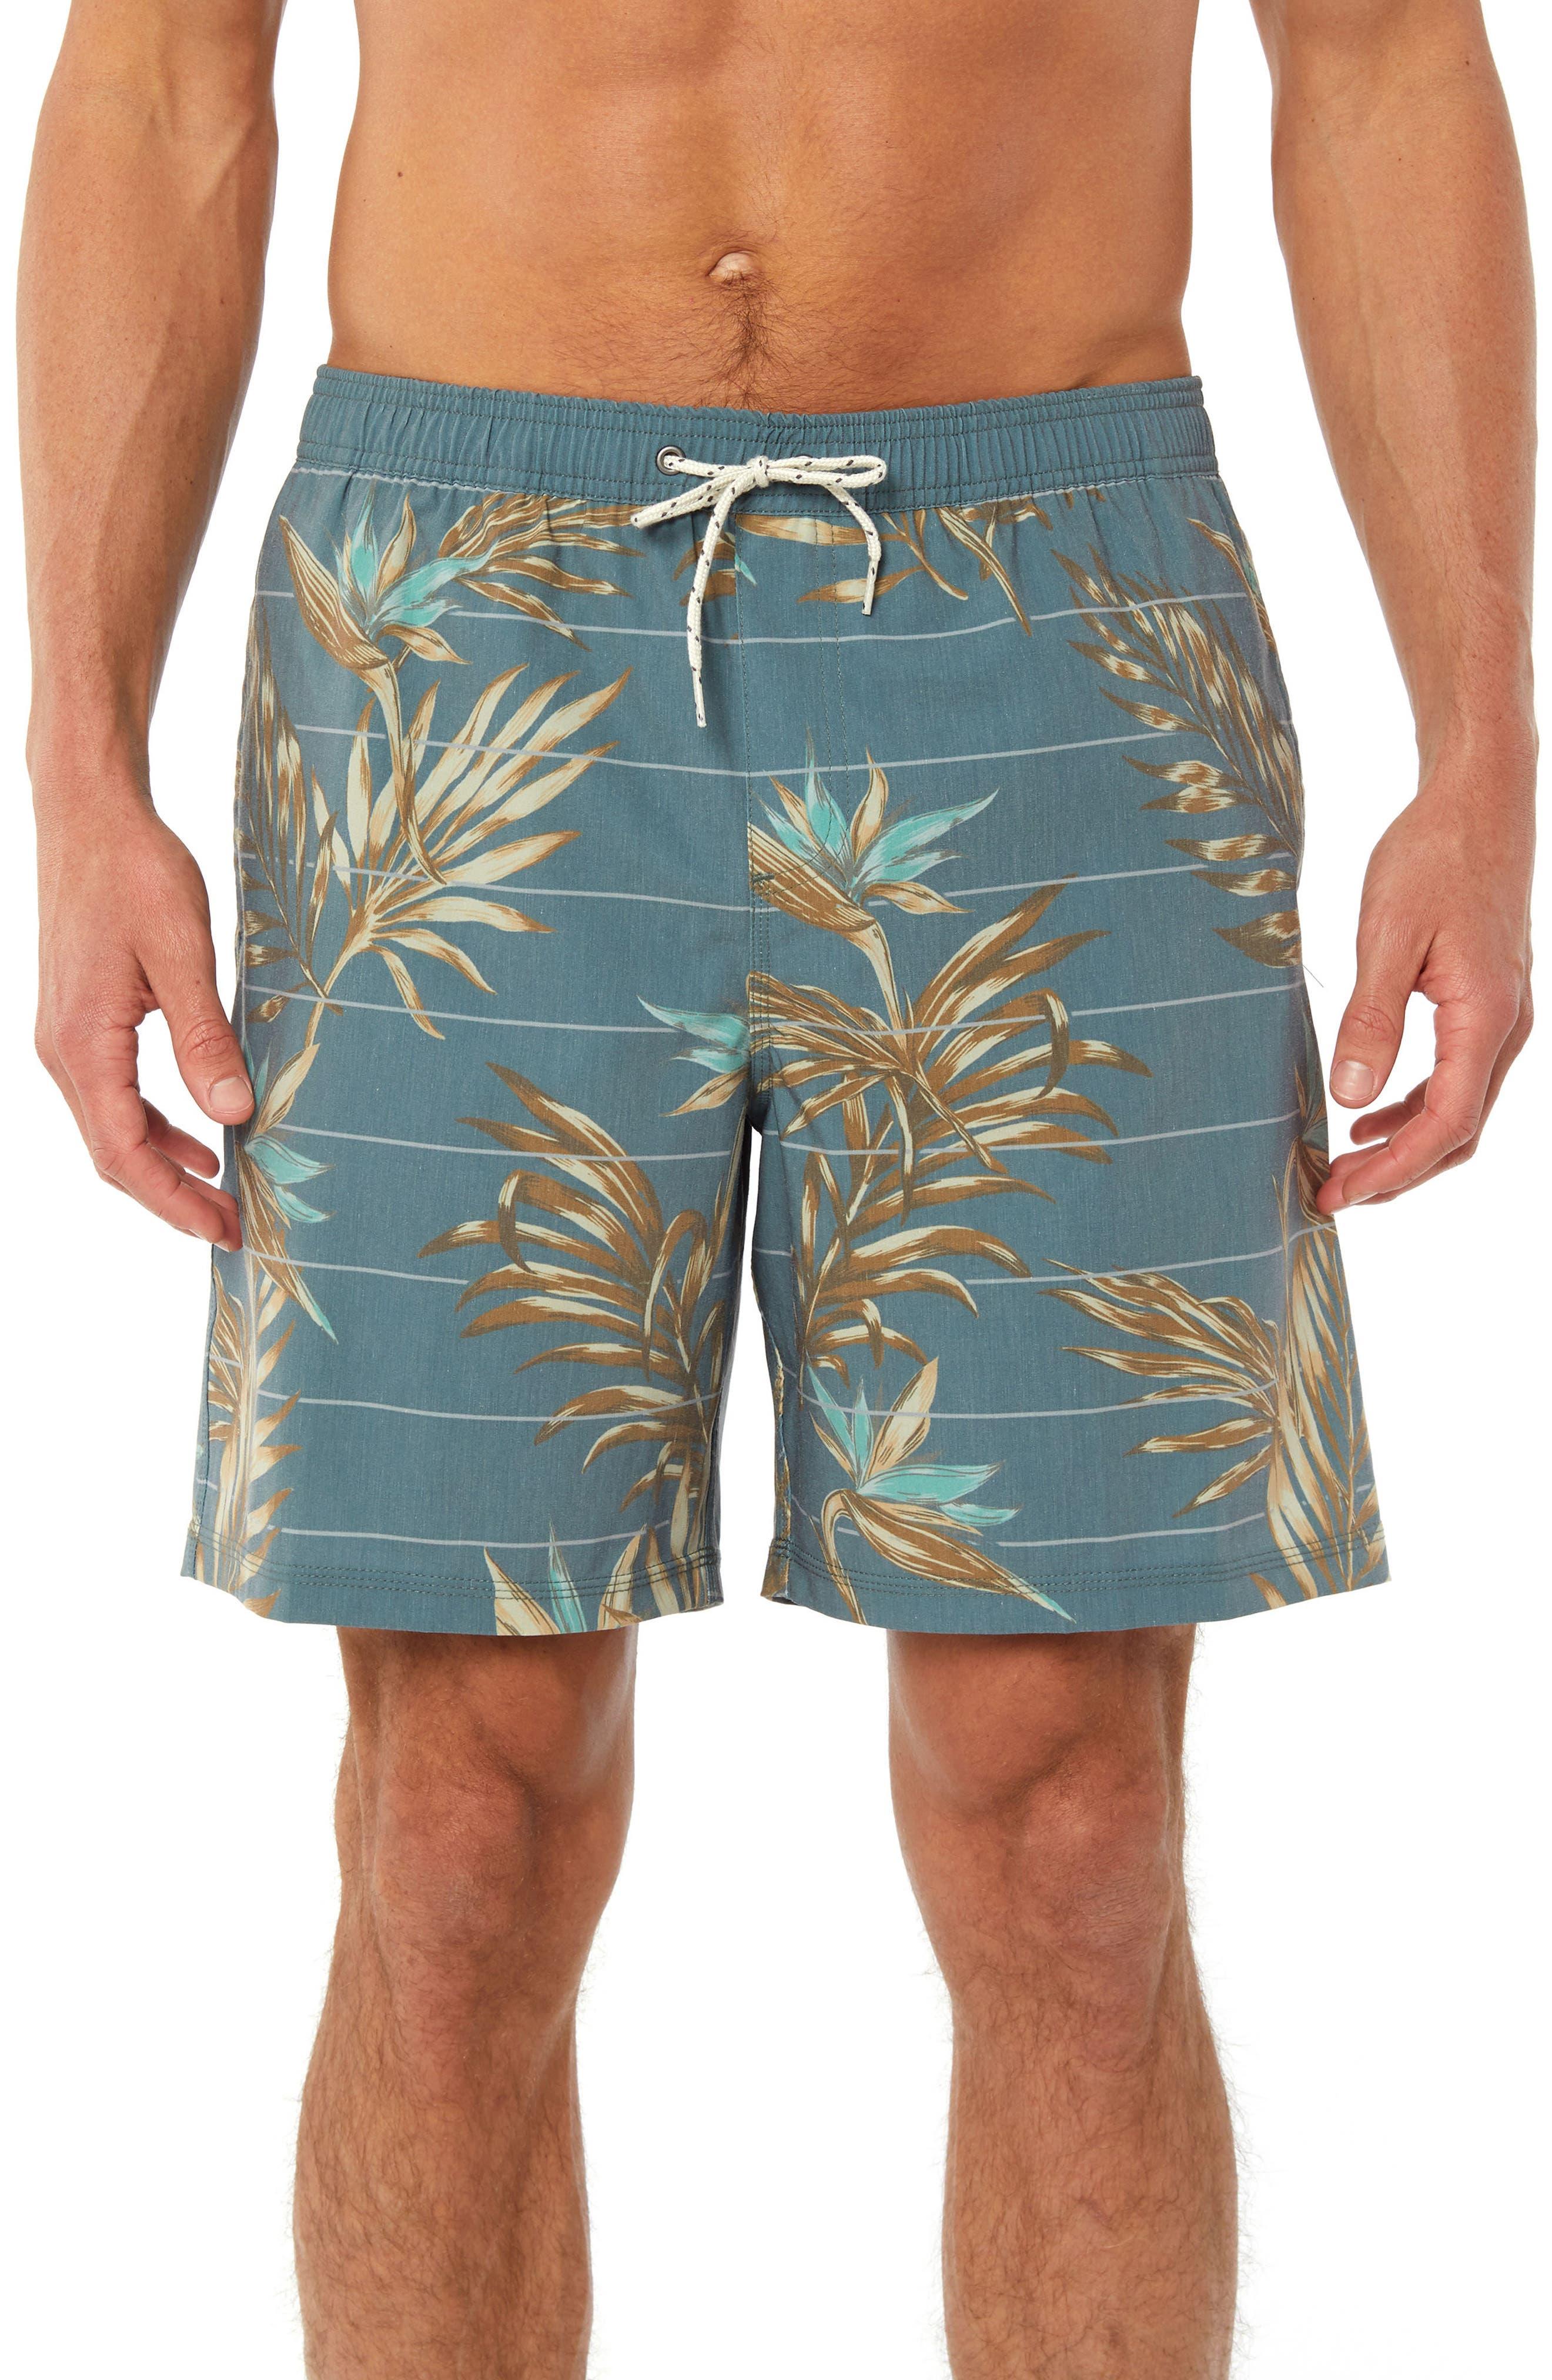 Paradise Volley Board Shorts,                             Main thumbnail 1, color,                             DARK SEA GLASS